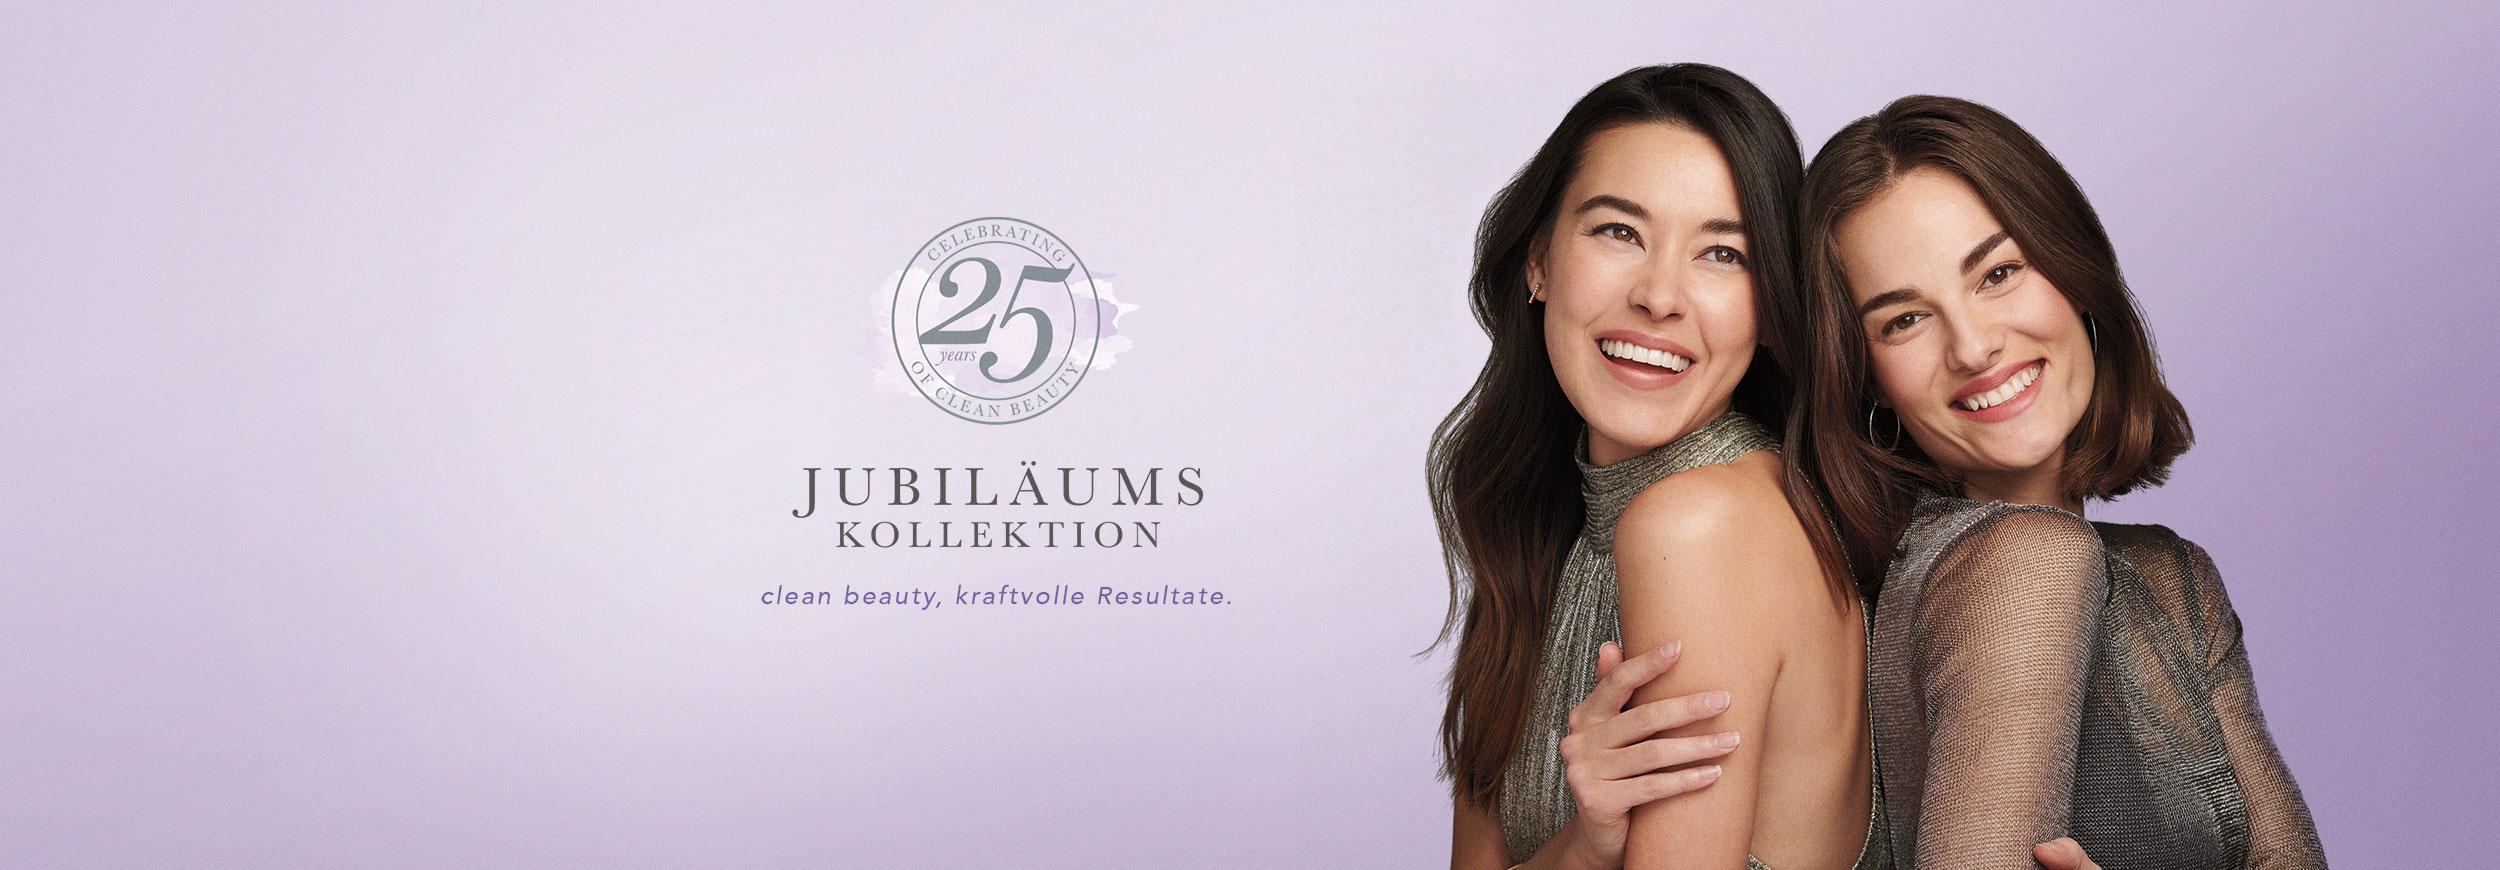 Clean Beauty, Powerful Results - jane iredale Jubiläumskollektion